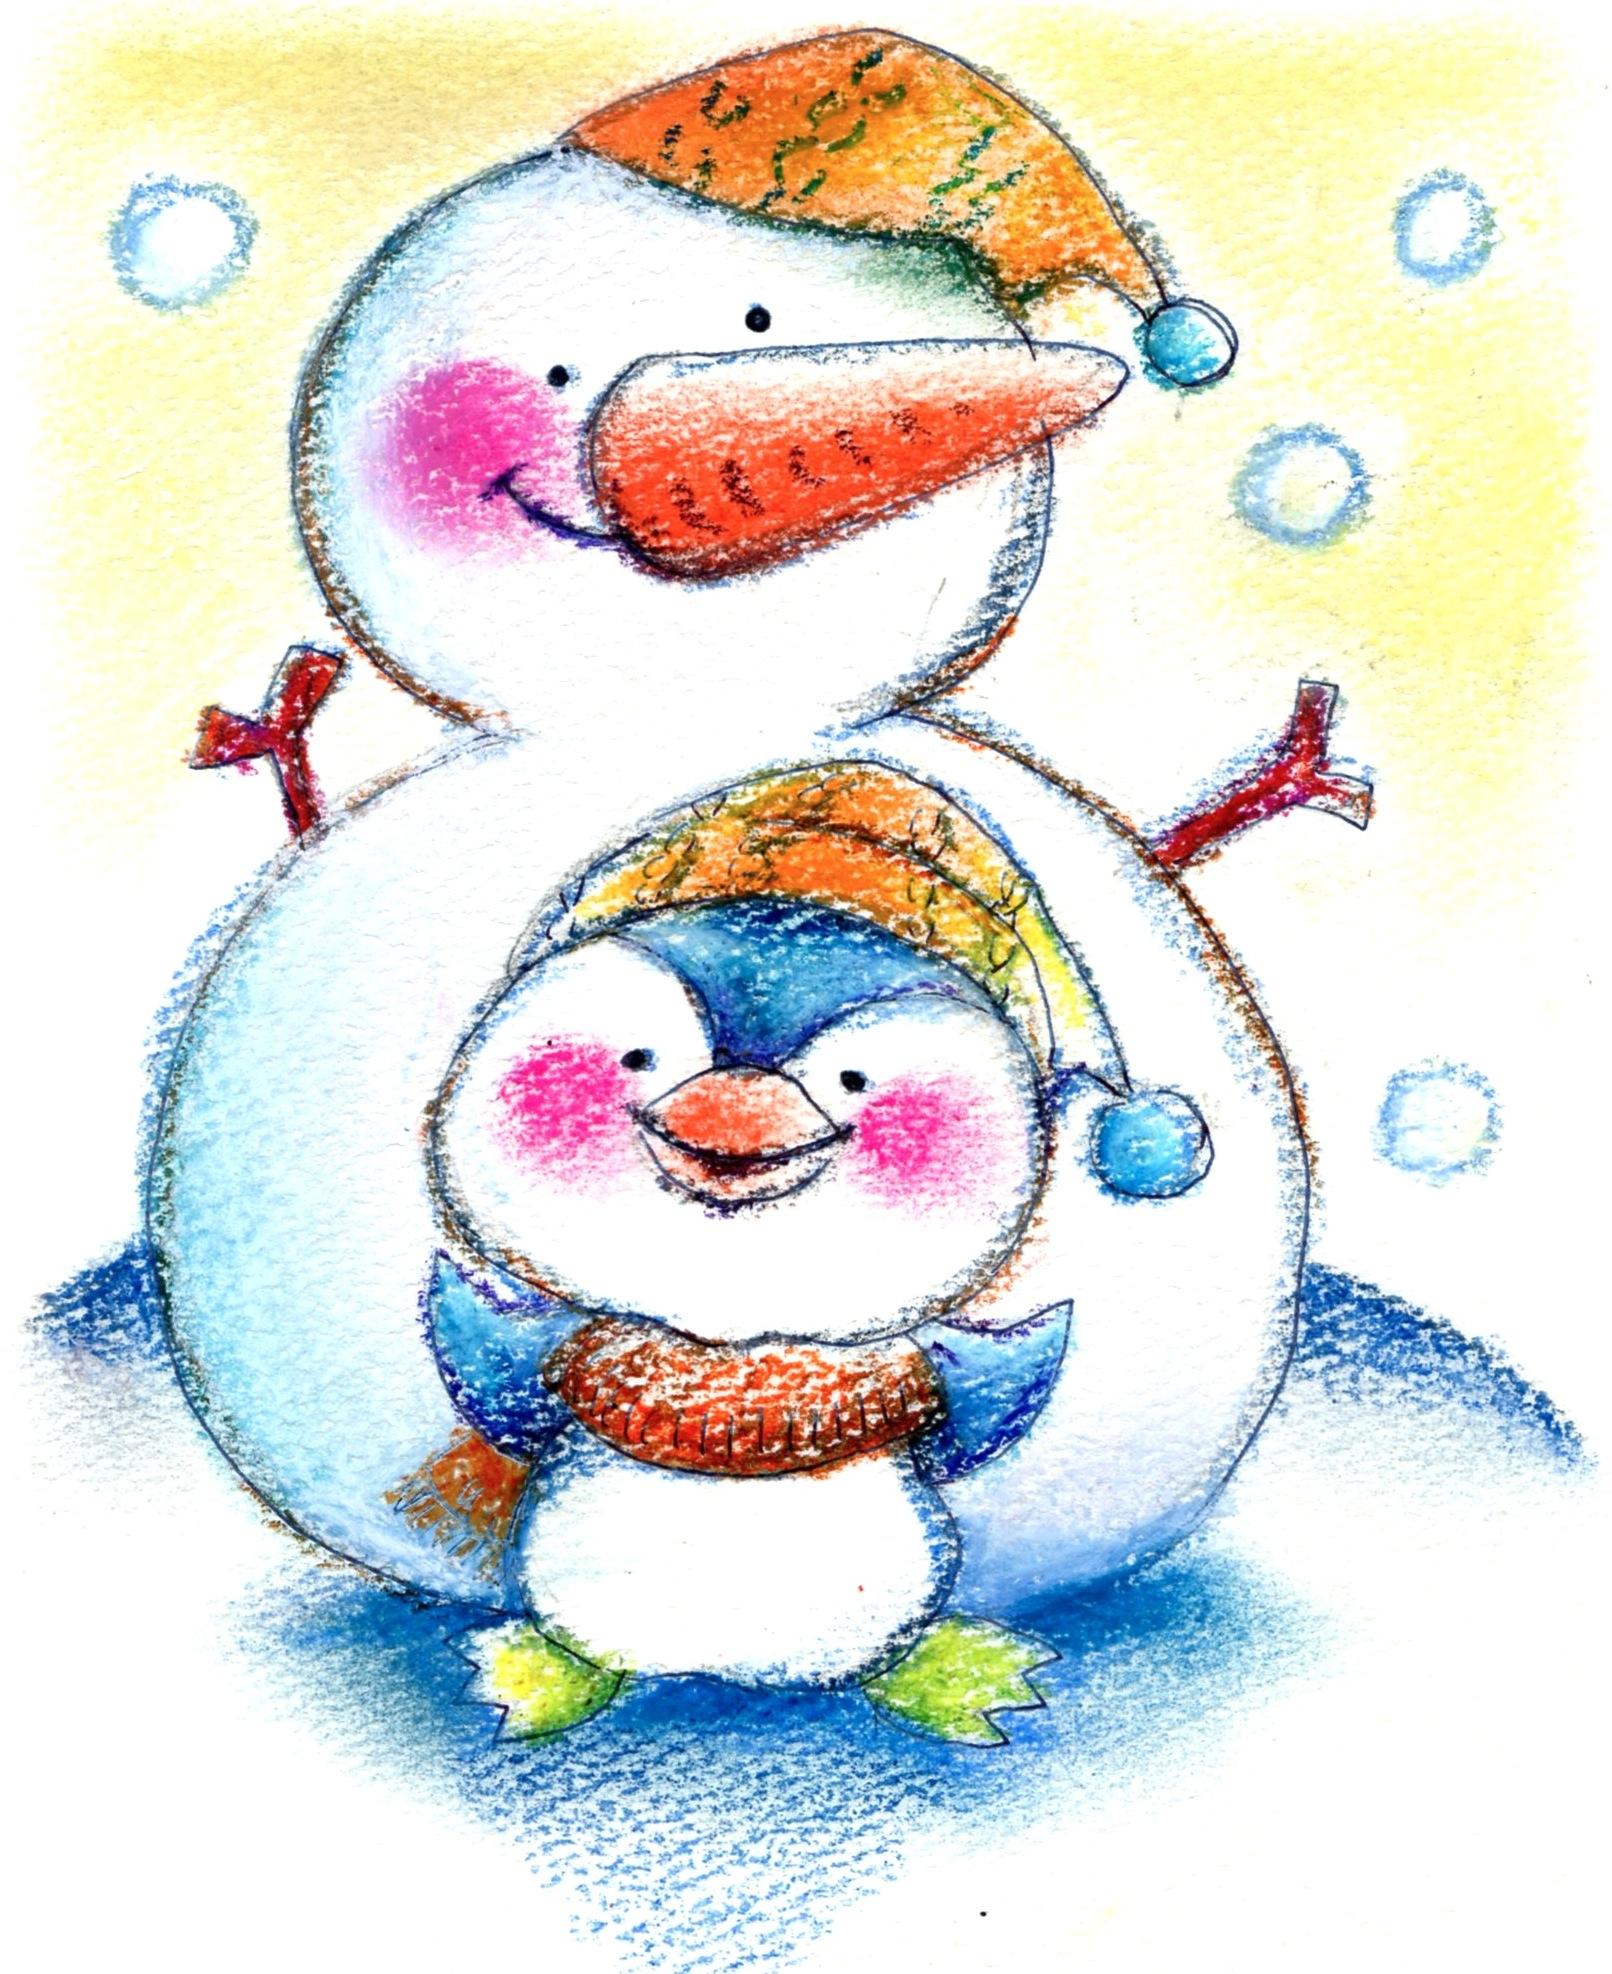 雪だるま ペンギン 冬 かわいい 絵 パステル画 パステルアート デッサン イラスト ドローイング 色のね いろのね ironone 沖明日香 絵画教室 絵画造形教室 こども工作 おえかき 関西 大阪 枚方 八幡